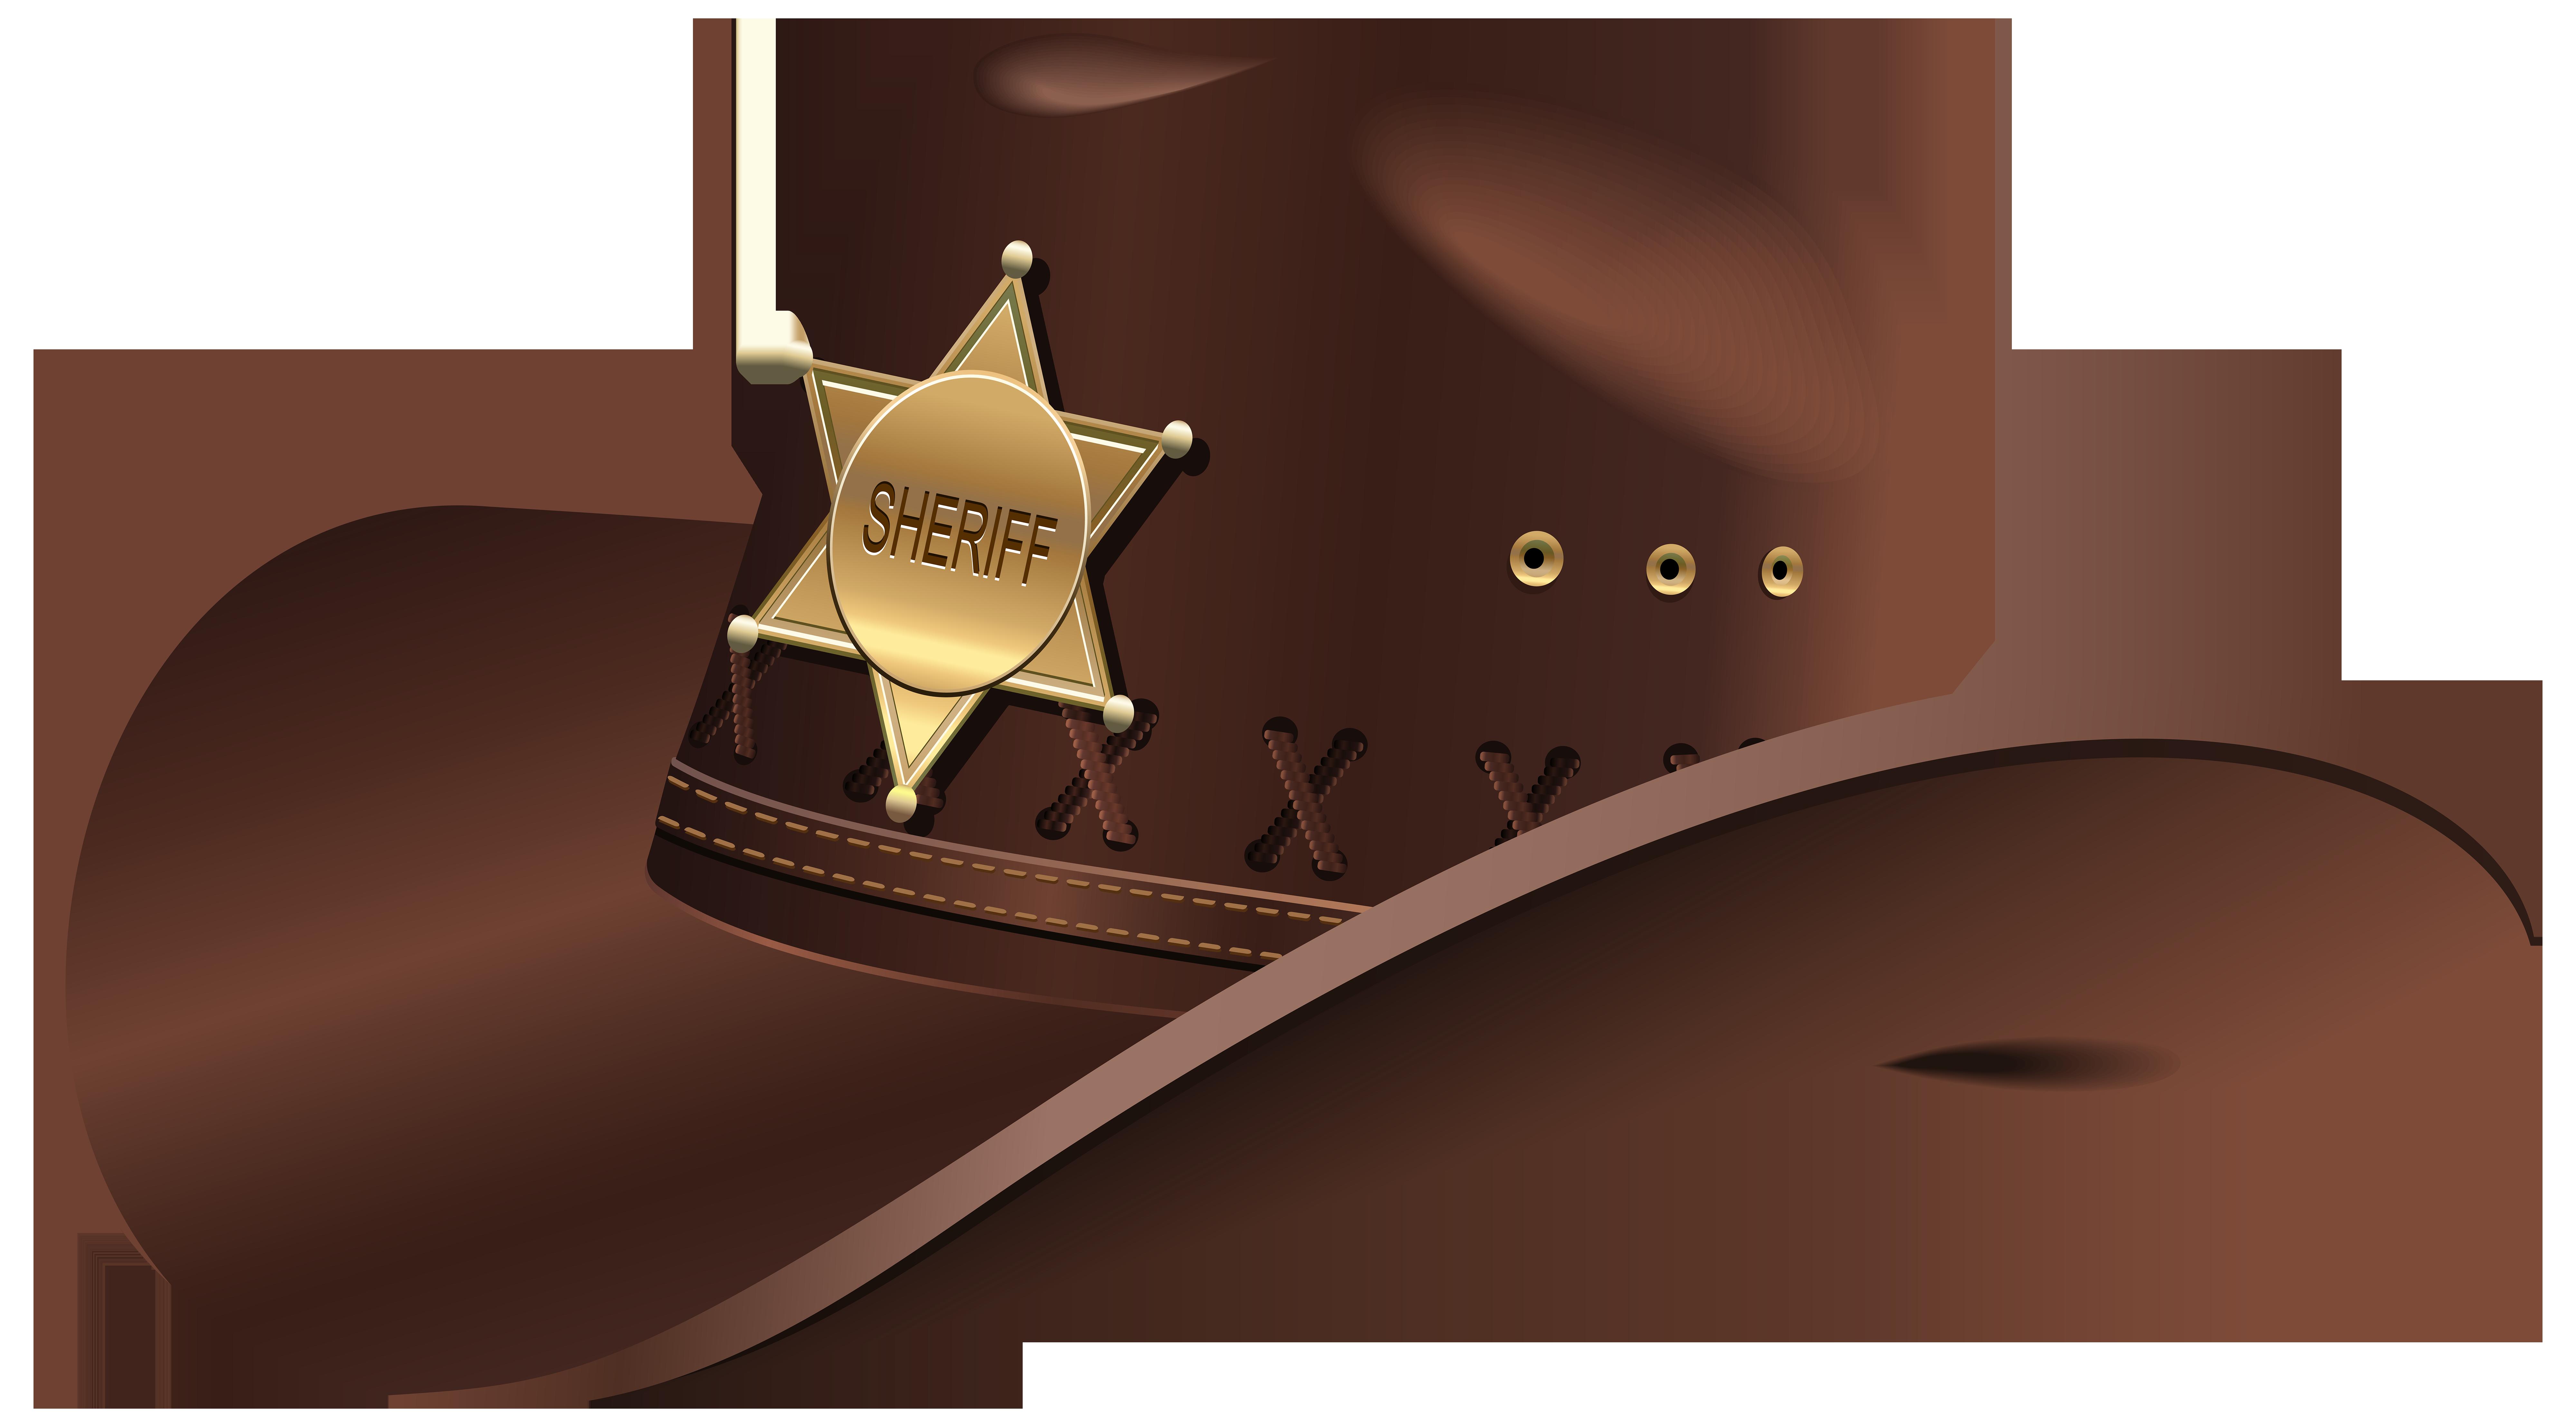 Cowboy clipart sheriff hat. Sheriffs png clip art